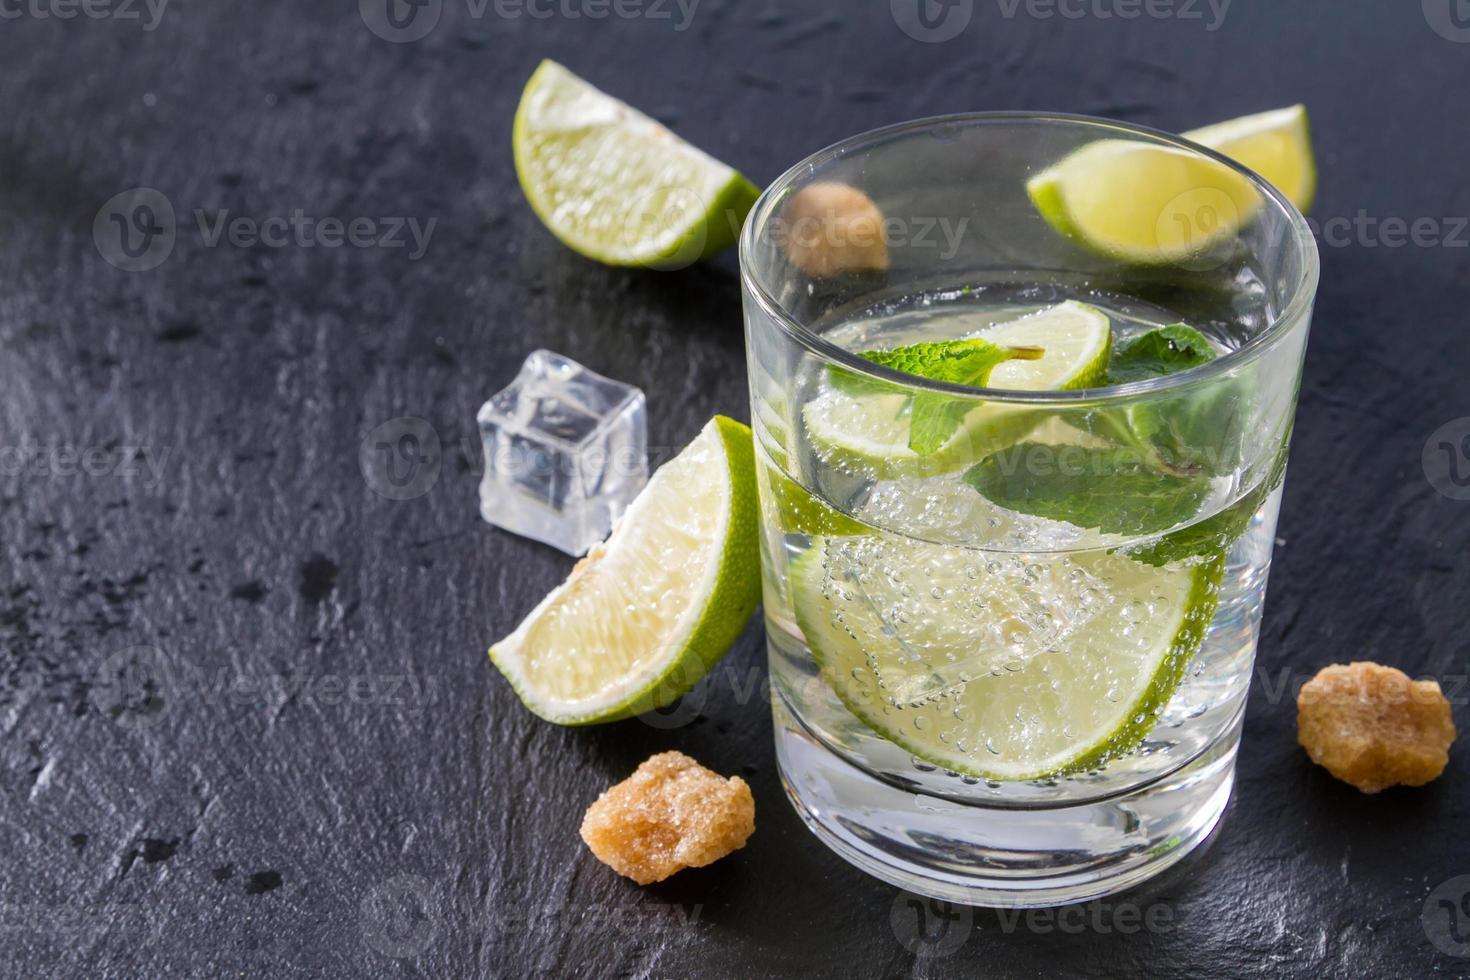 mojito e ingredienti - lime, menta, rum, zucchero, ghiaccio foto